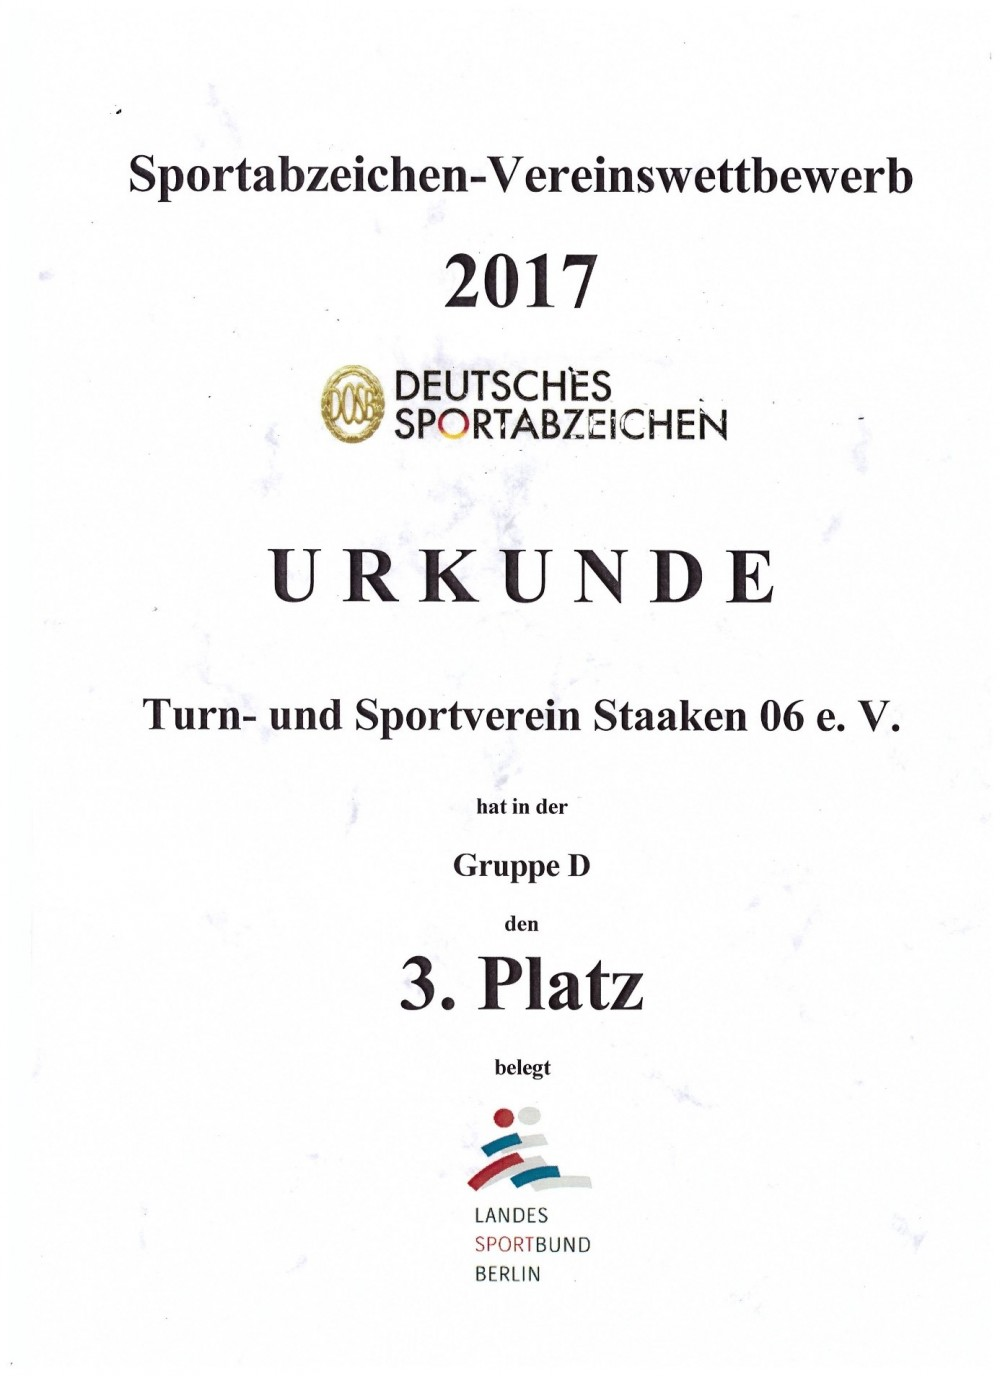 Sportabzeichen-Vereinswettbewerb 2017